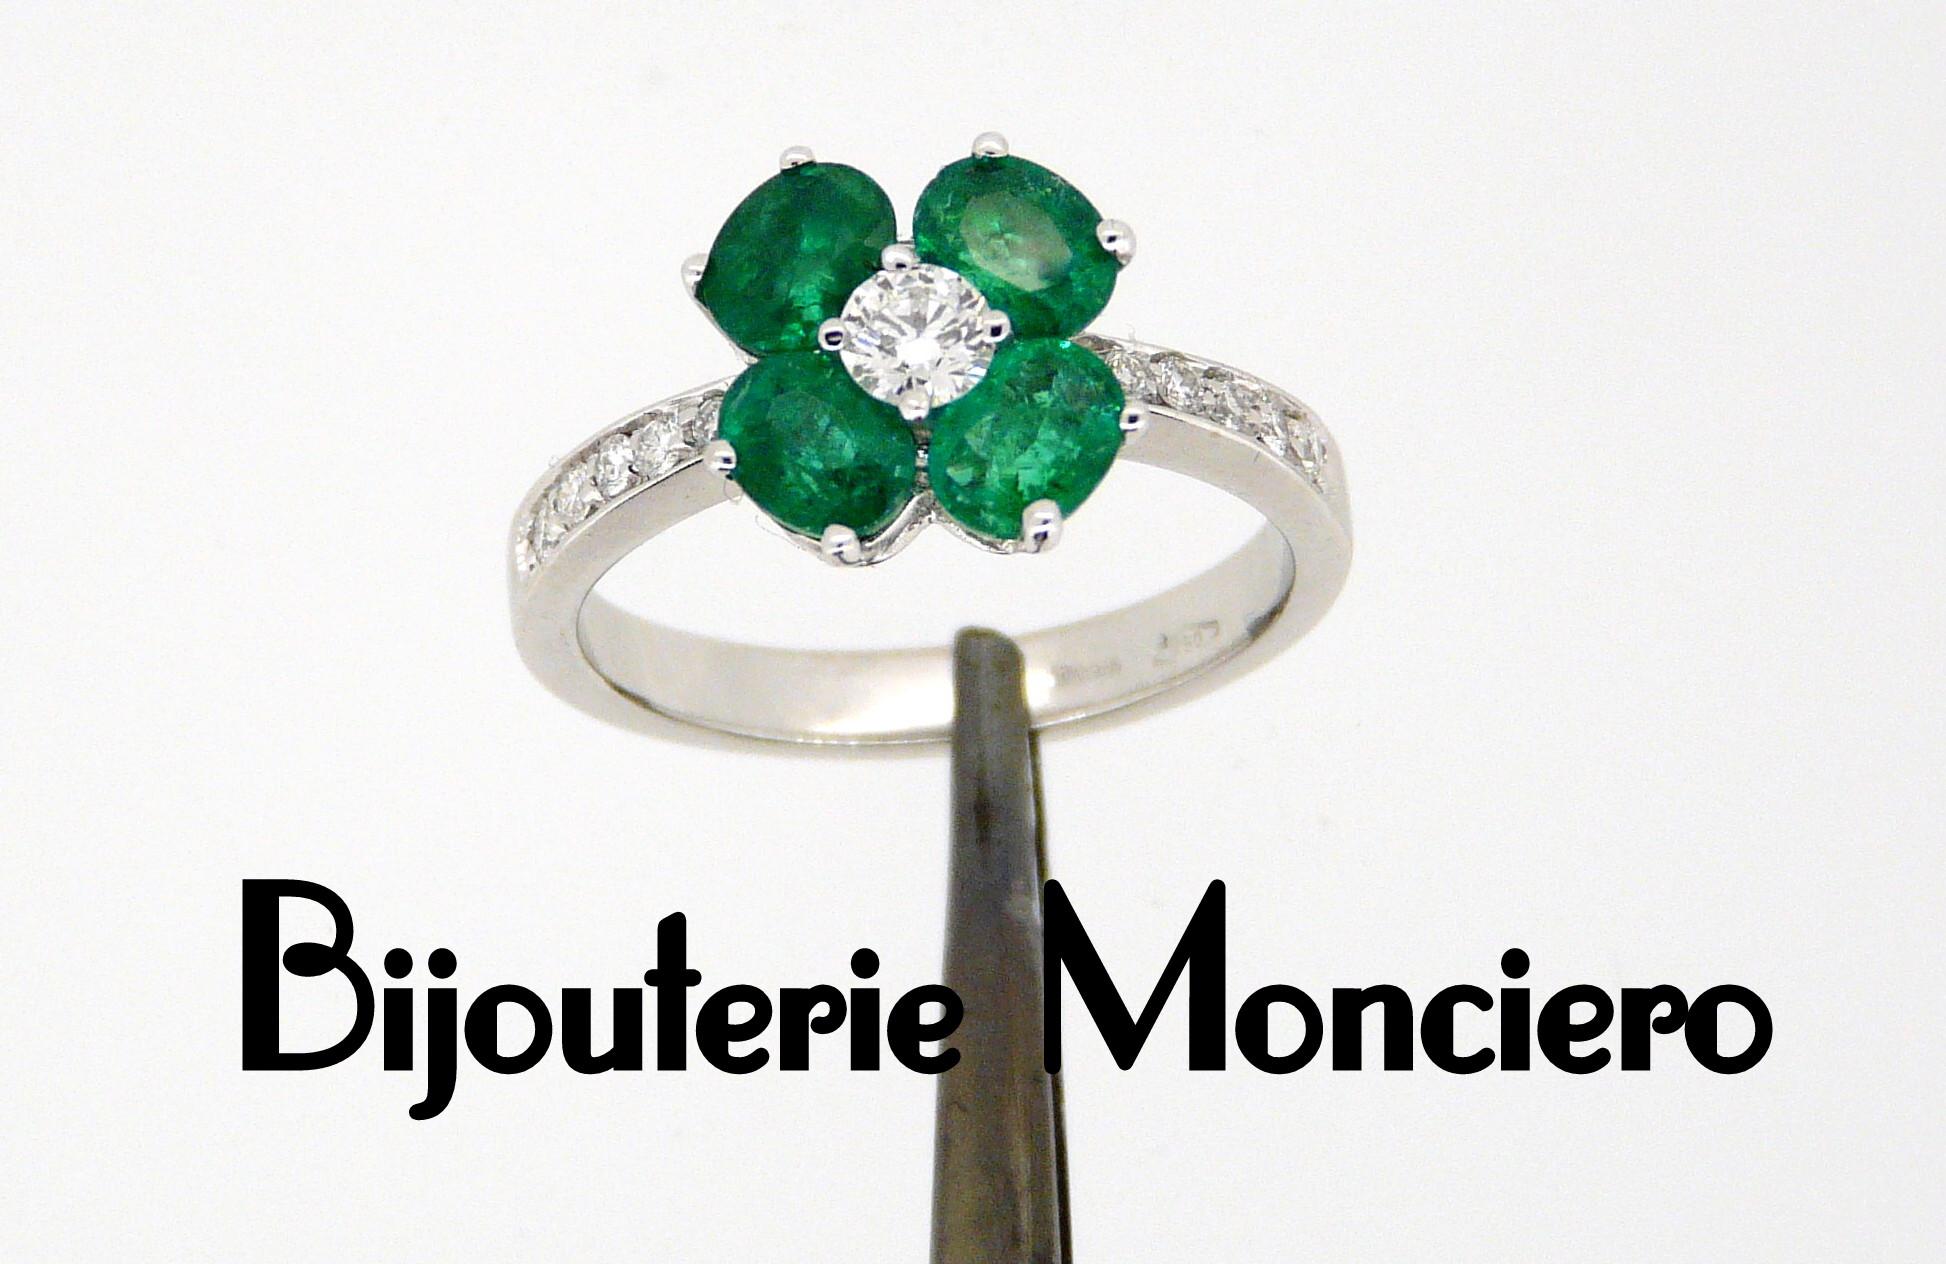 Bague émeraudes et diamants. Monciero - Nîmes